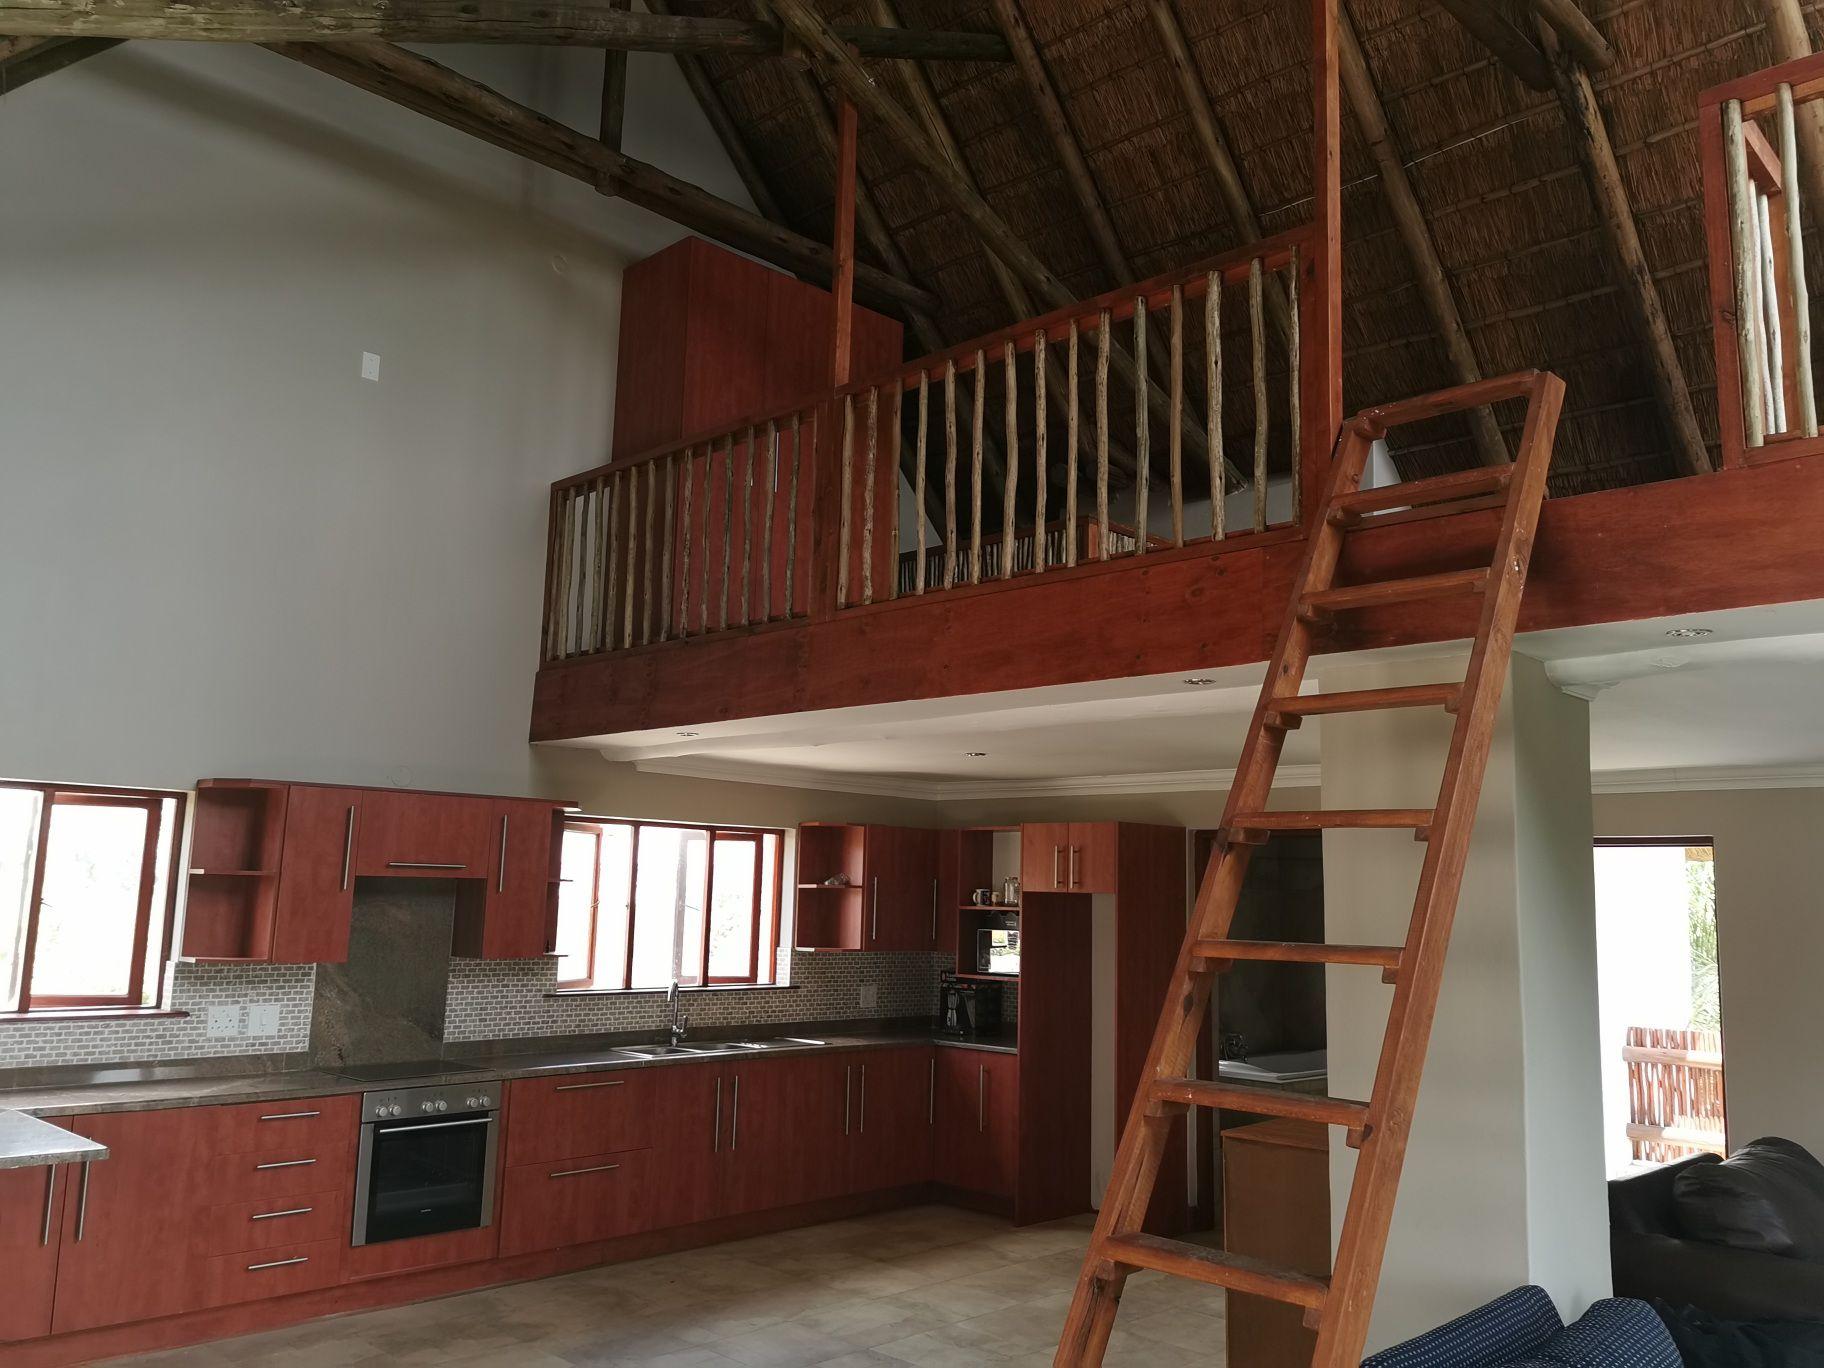 Craigavon cottage kitchen.jpg